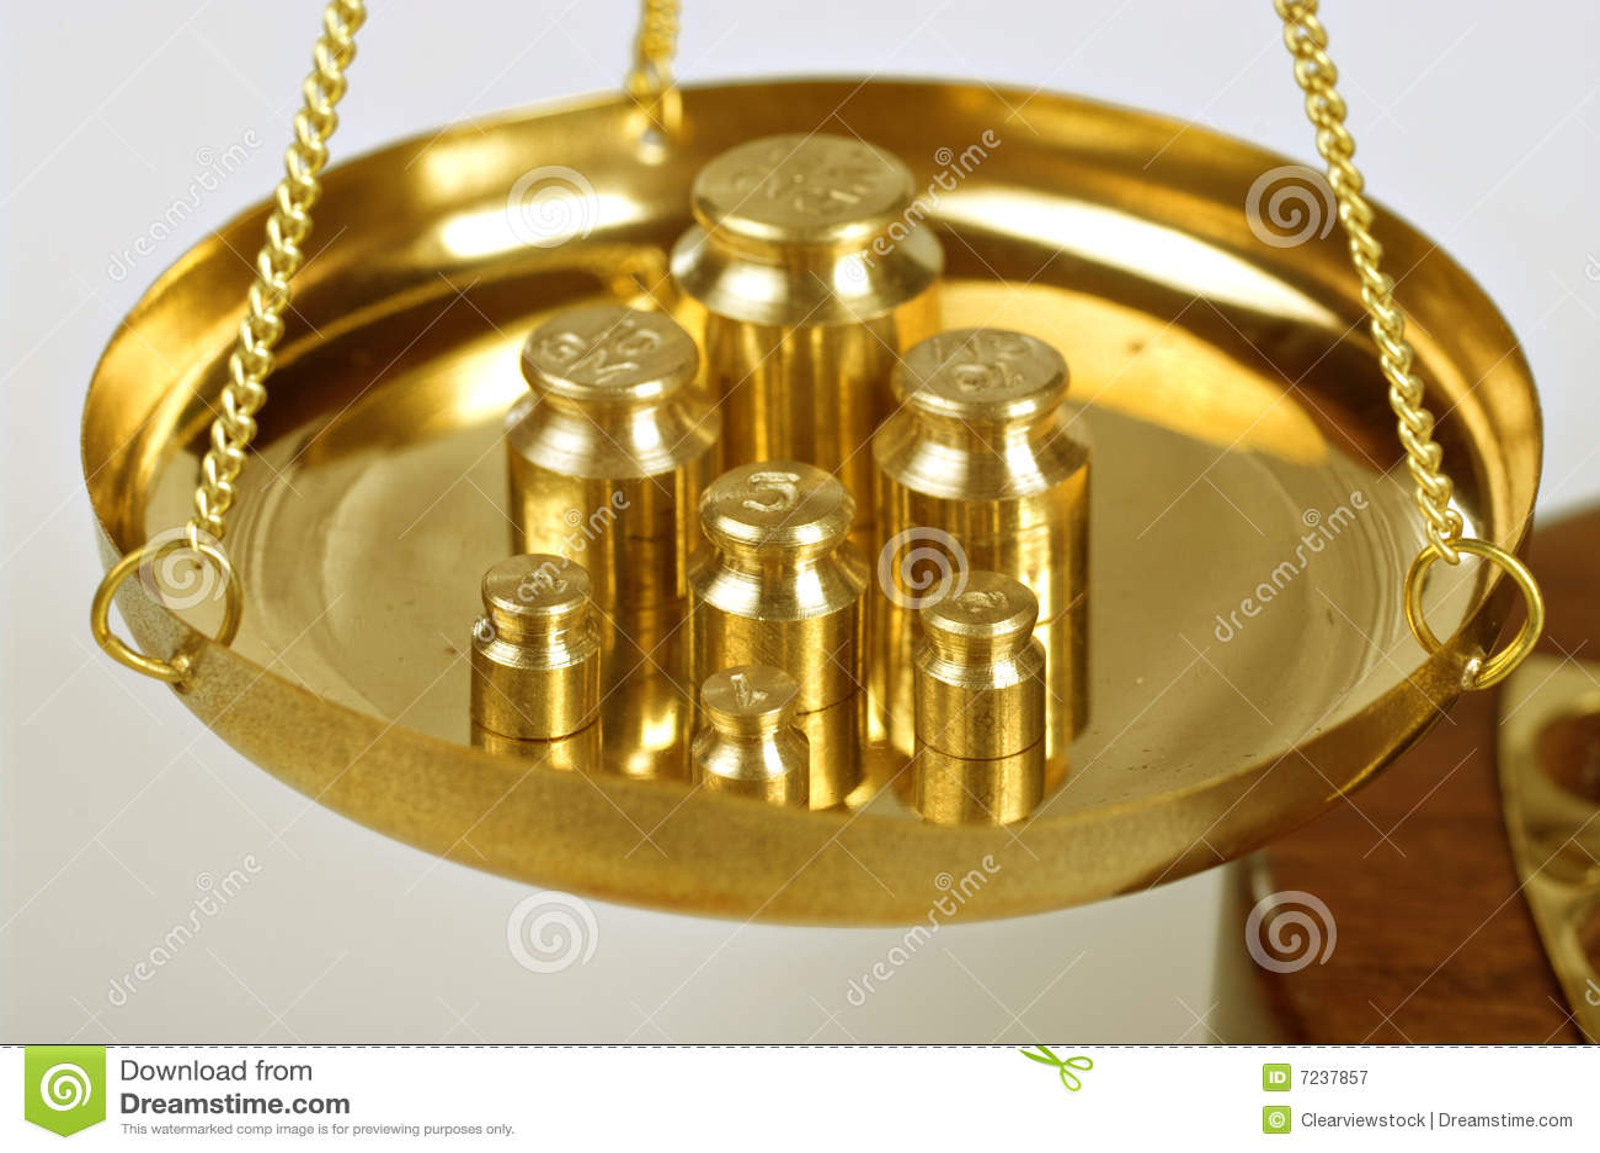 Briefe Maße Und Gewichte Preise : Gewichte und masse im gold lizenzfreie stockfotografie